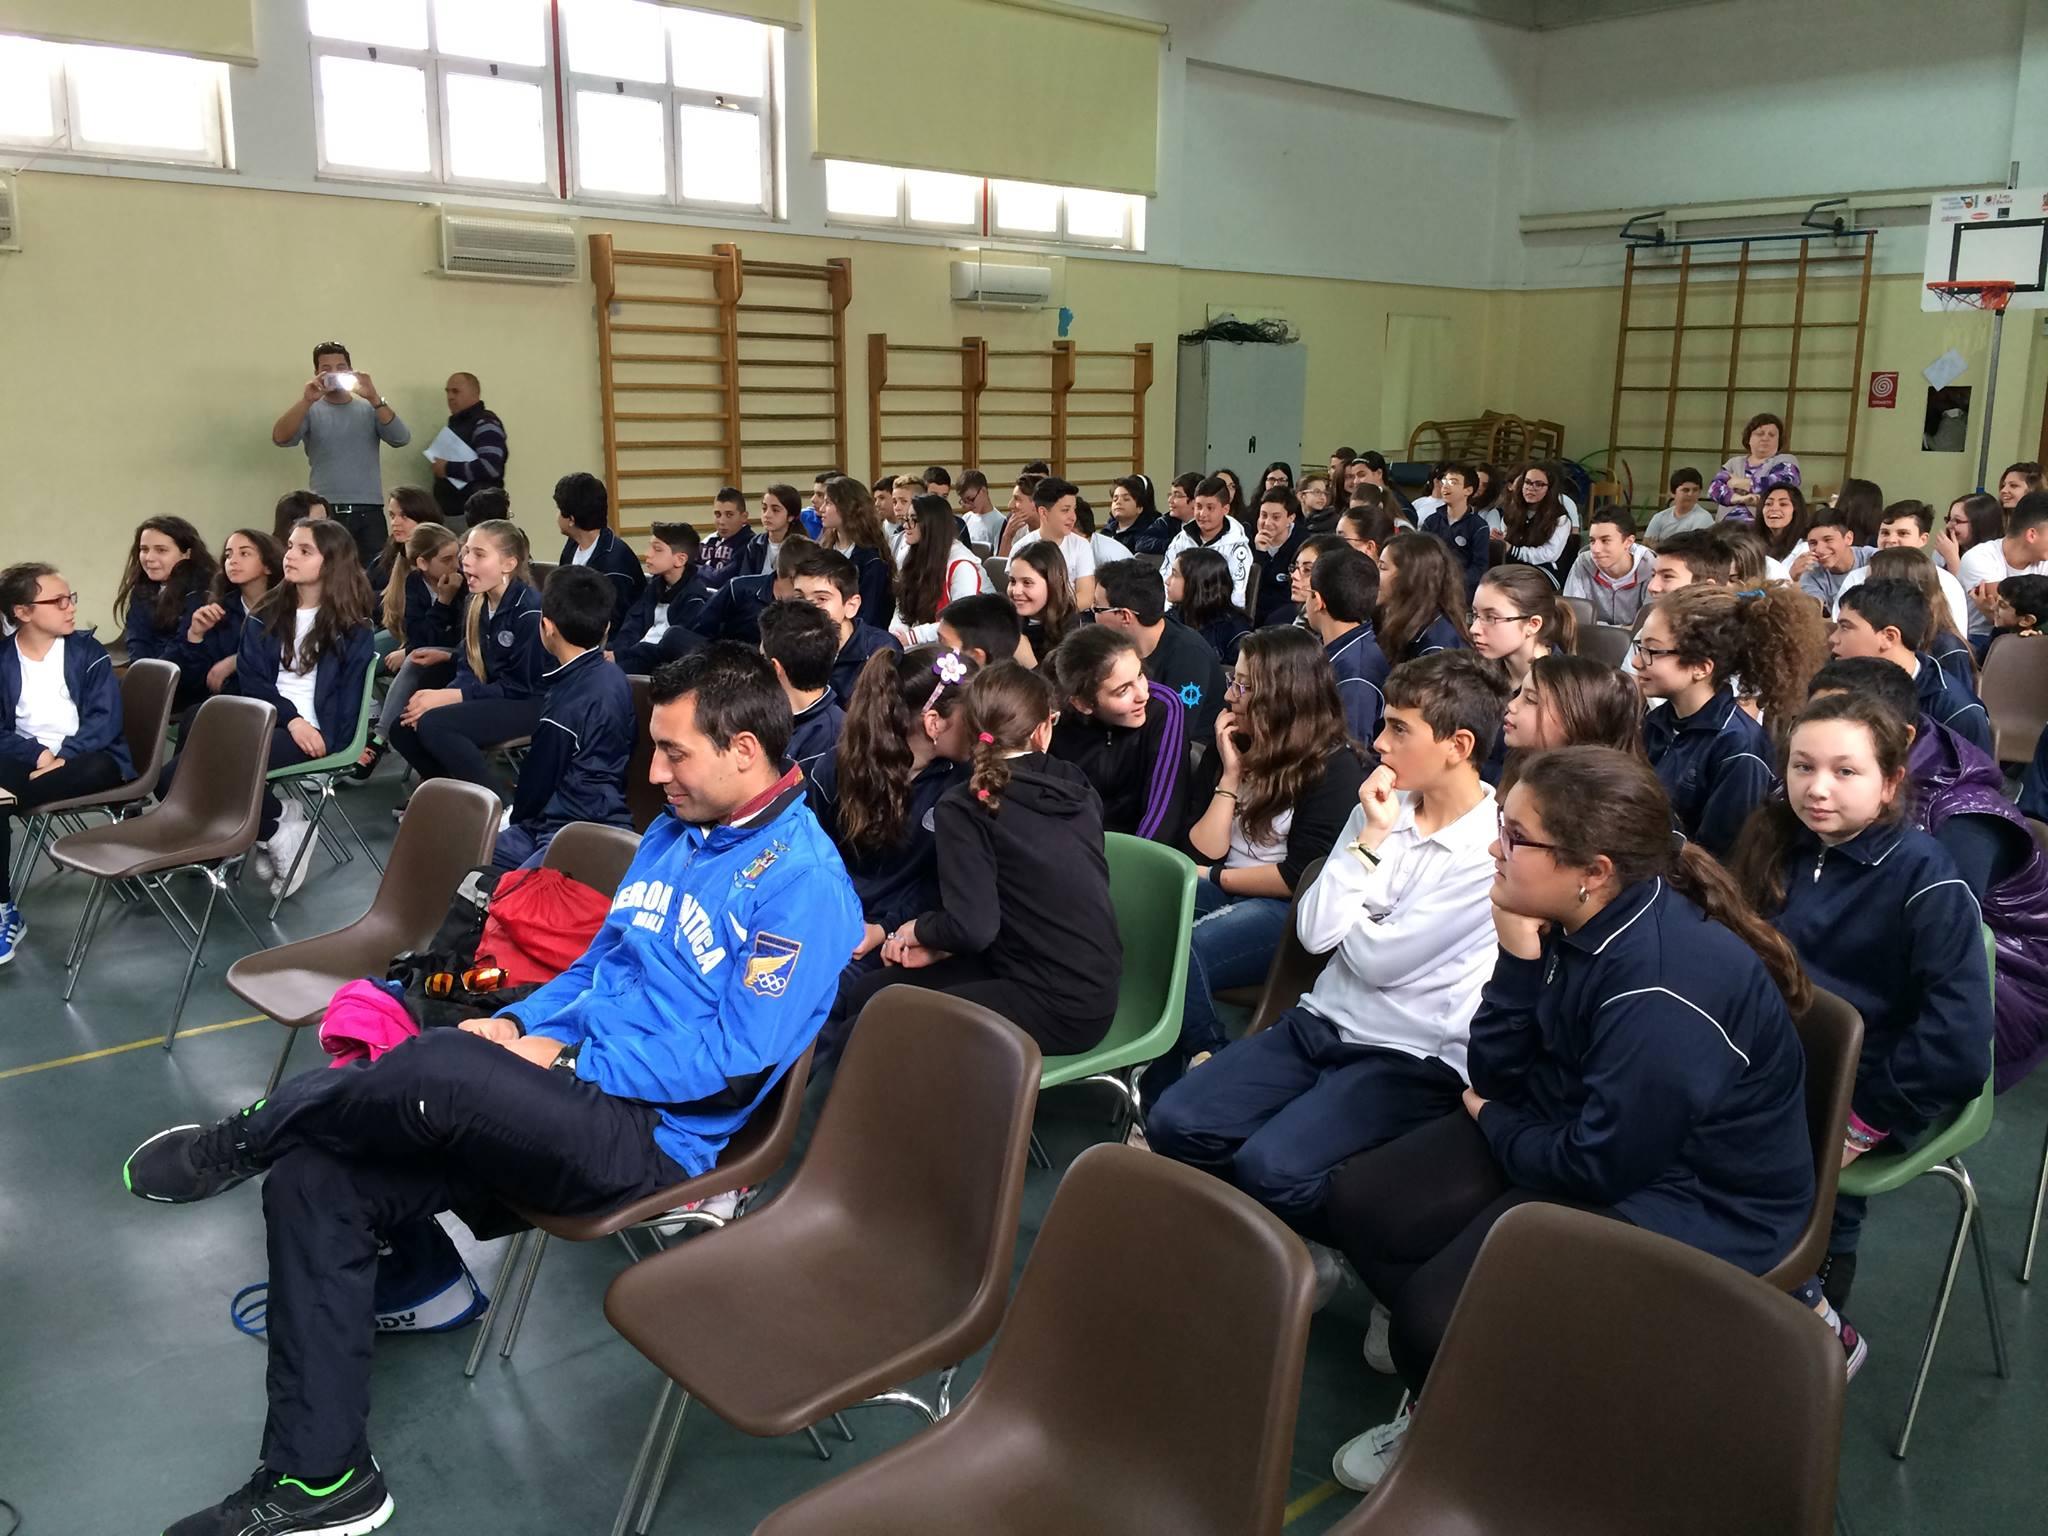 Countdown per il Campionato Italiano di Marcia a Misterbianco